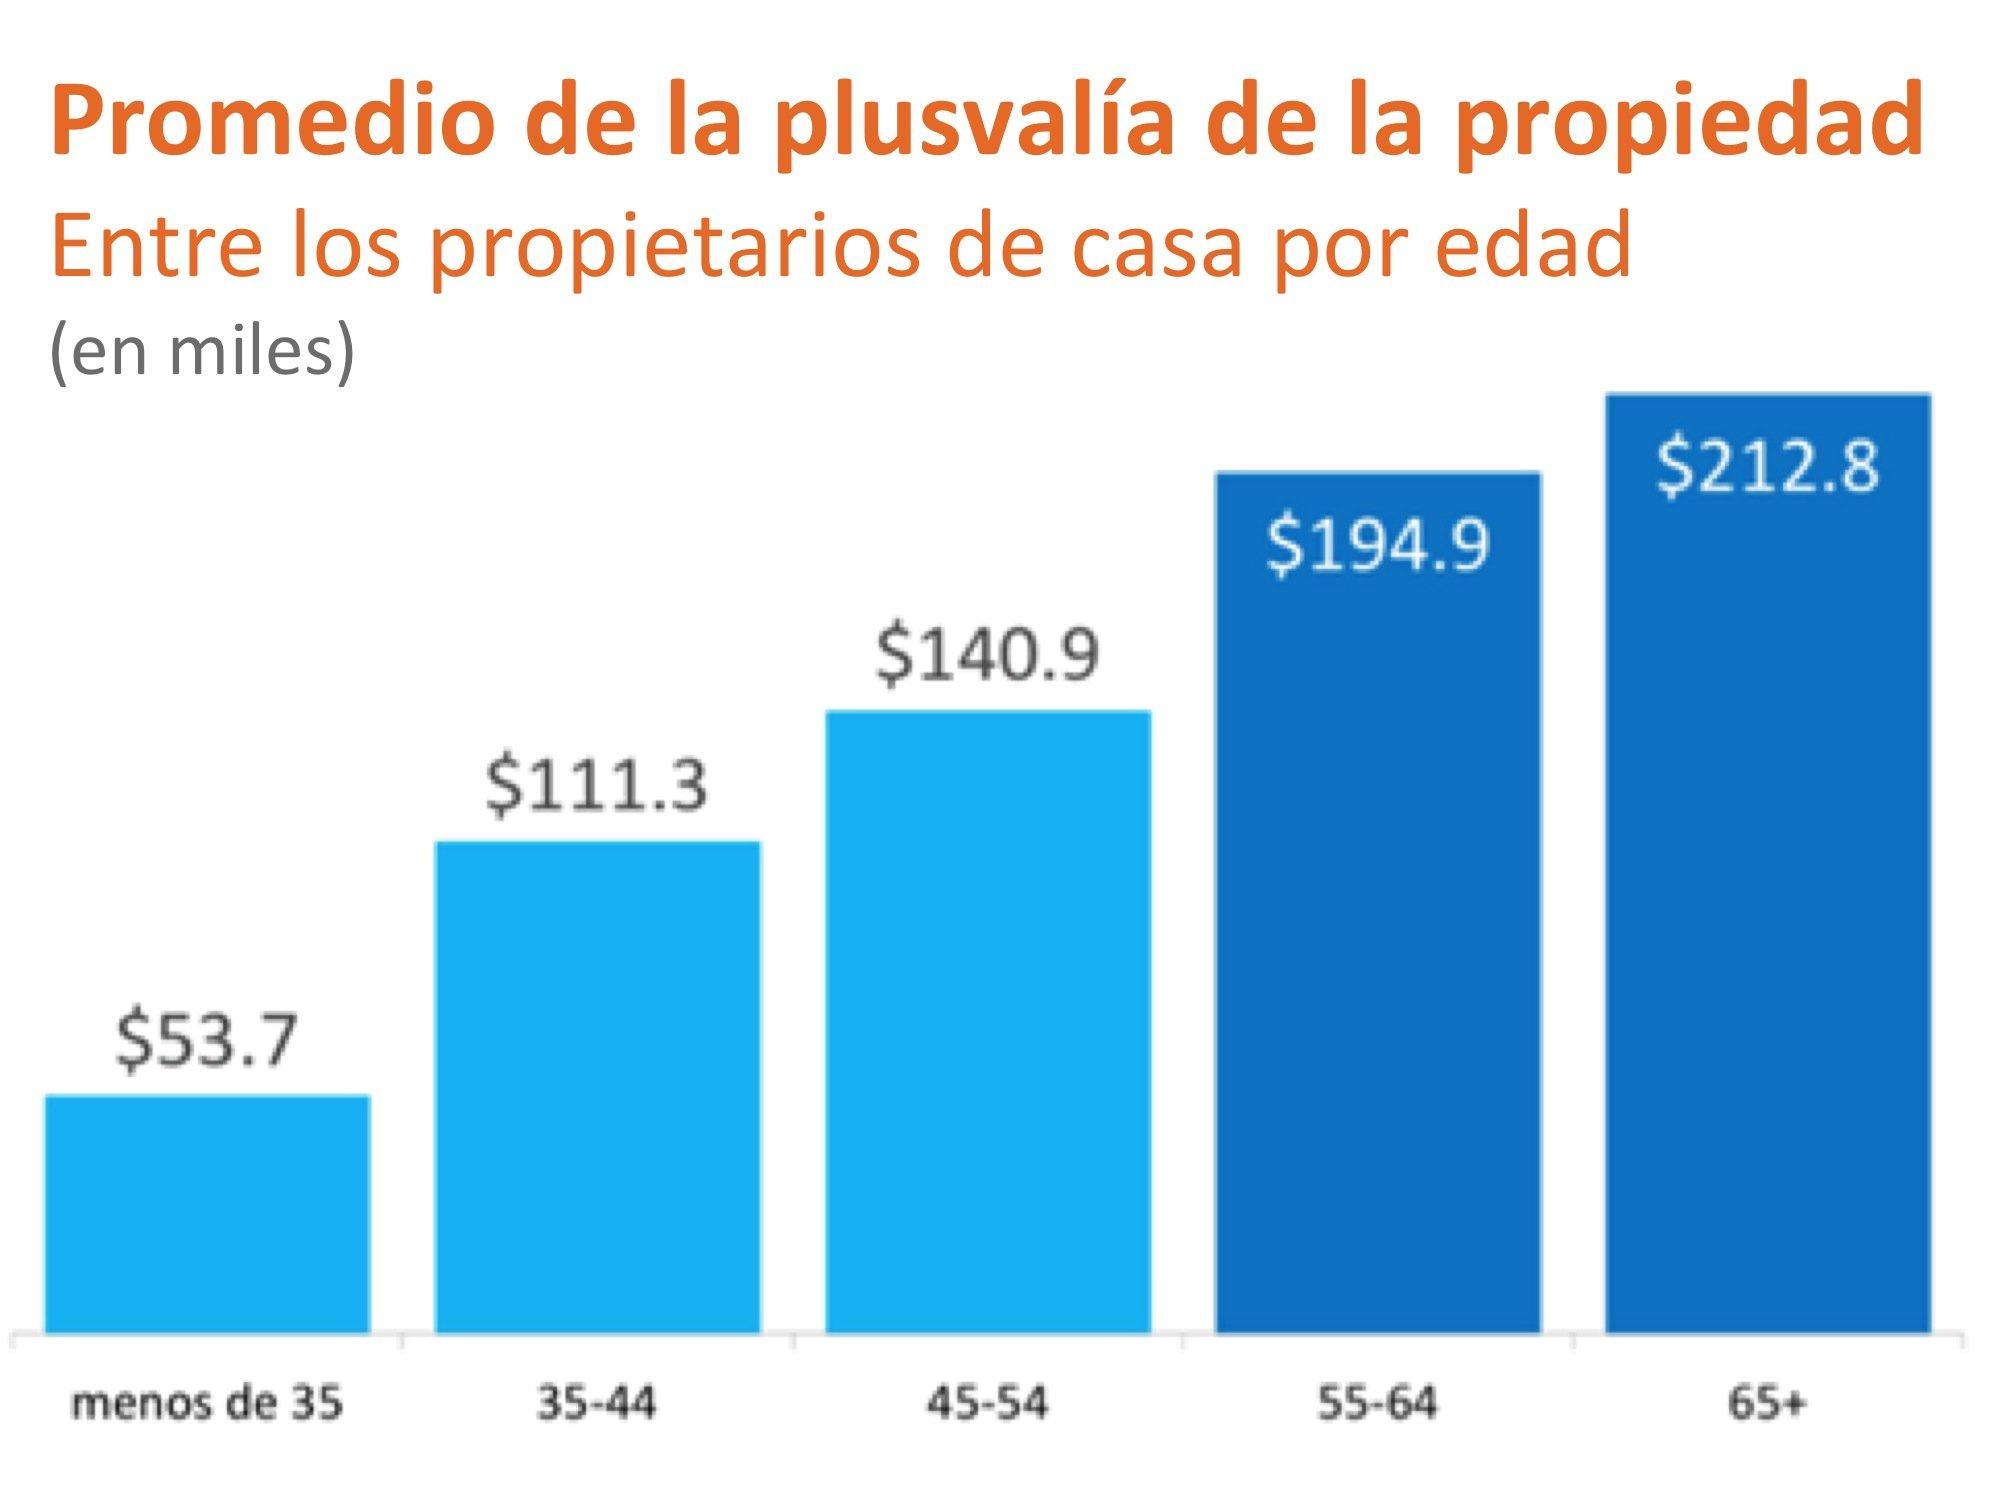 Promedio de la plusvalía de la propiedad | Simplifying The Market